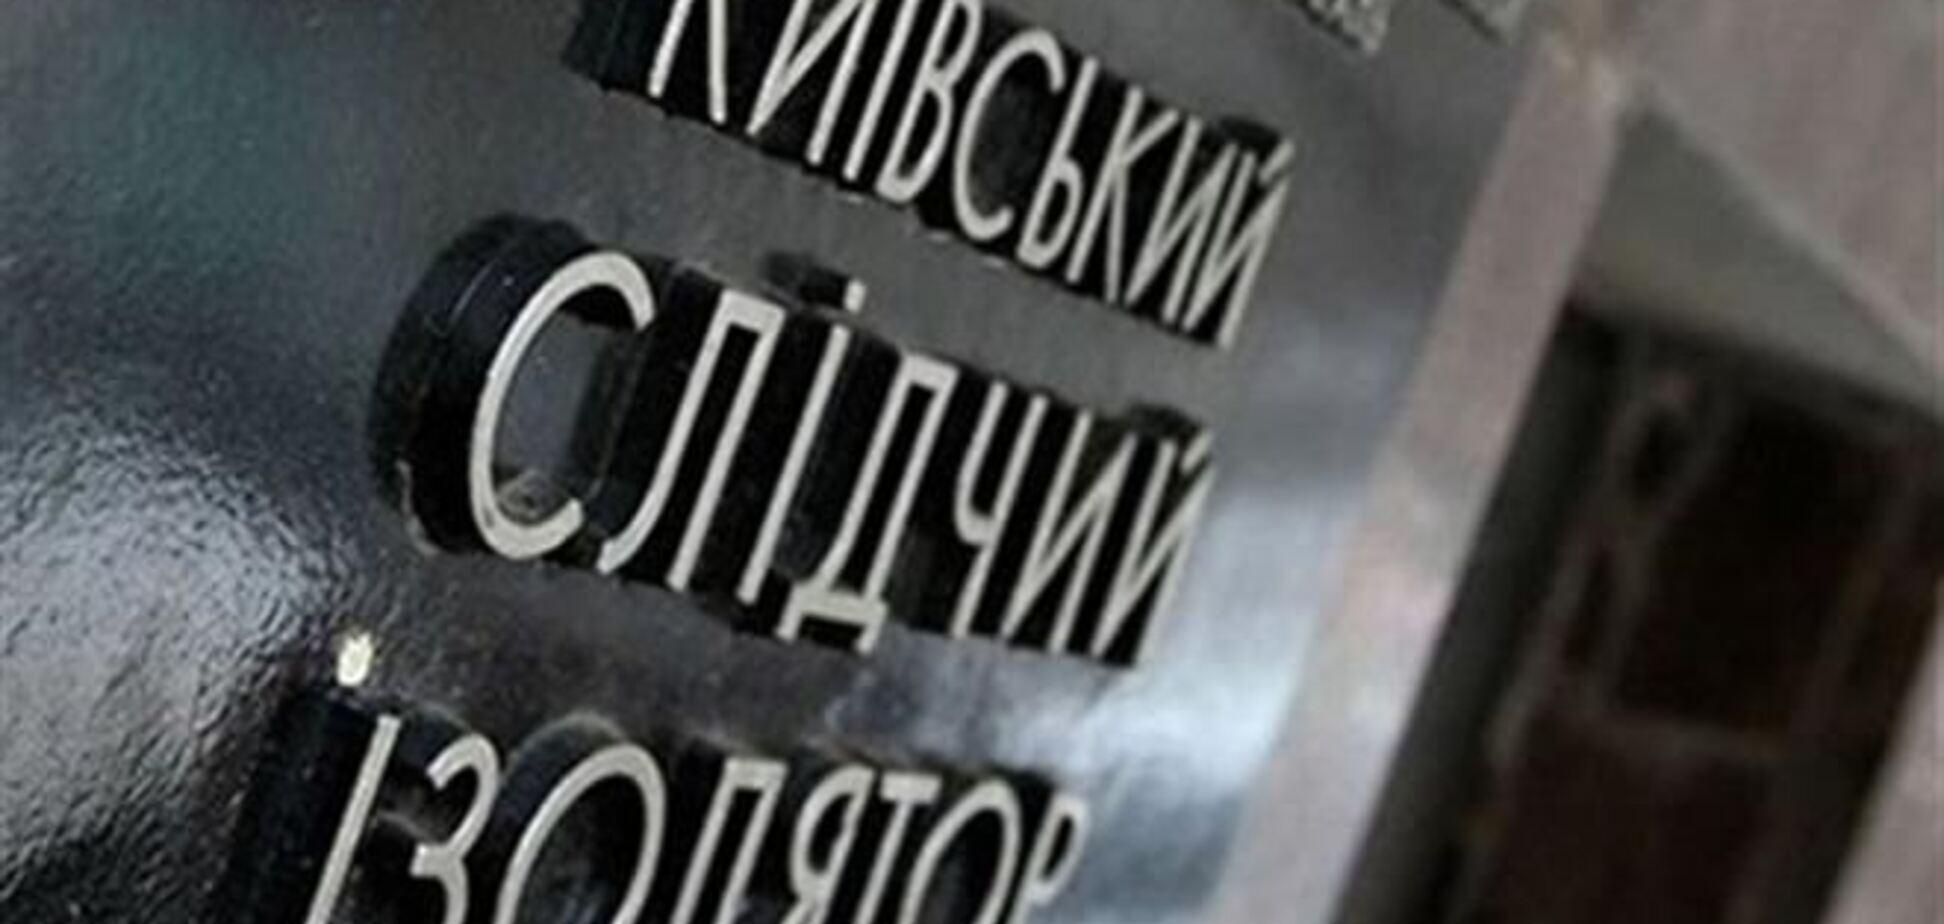 СМИ: из киевского СИЗО массово вывозят арестованных в другие изоляторы страны